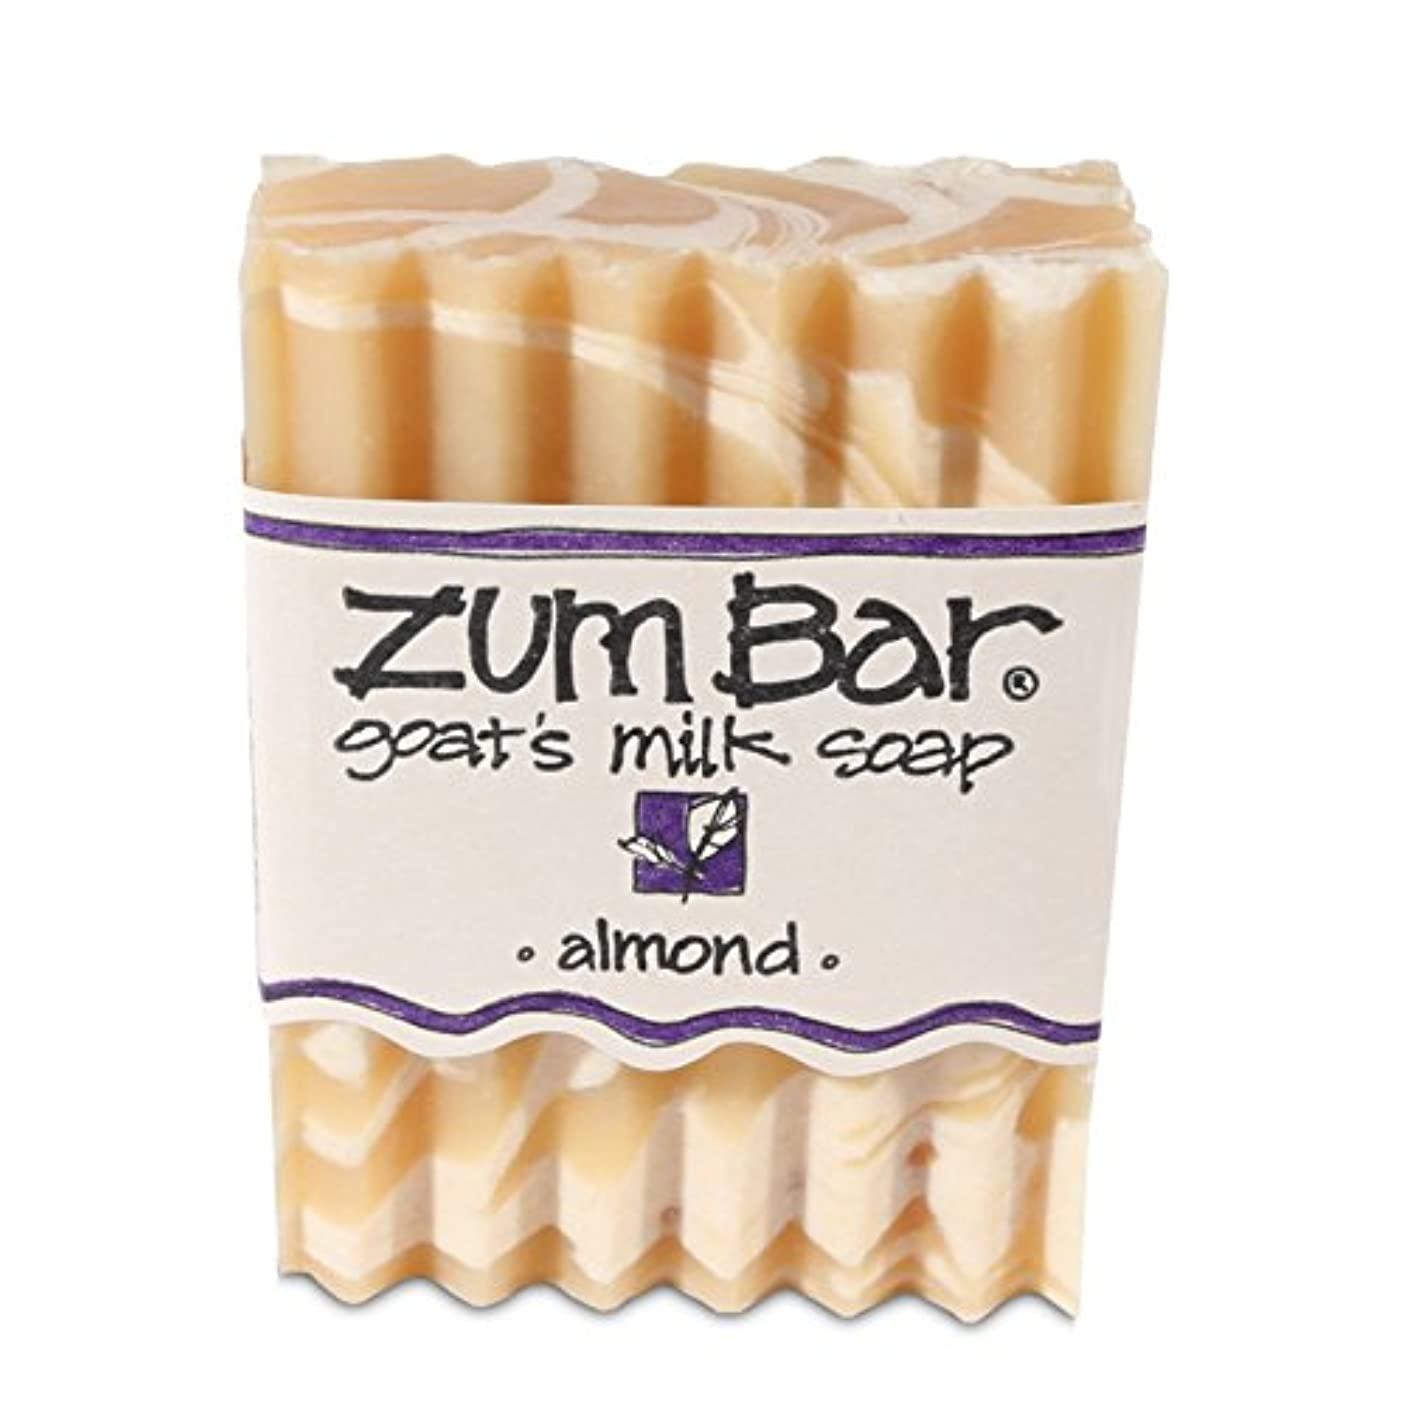 代替校長基本的な海外直送品 Indigo Wild, Zum Bar, Goat's ミルク ソープ アーモンド , 3 Ounces (2個セット) (Almond) [並行輸入品]